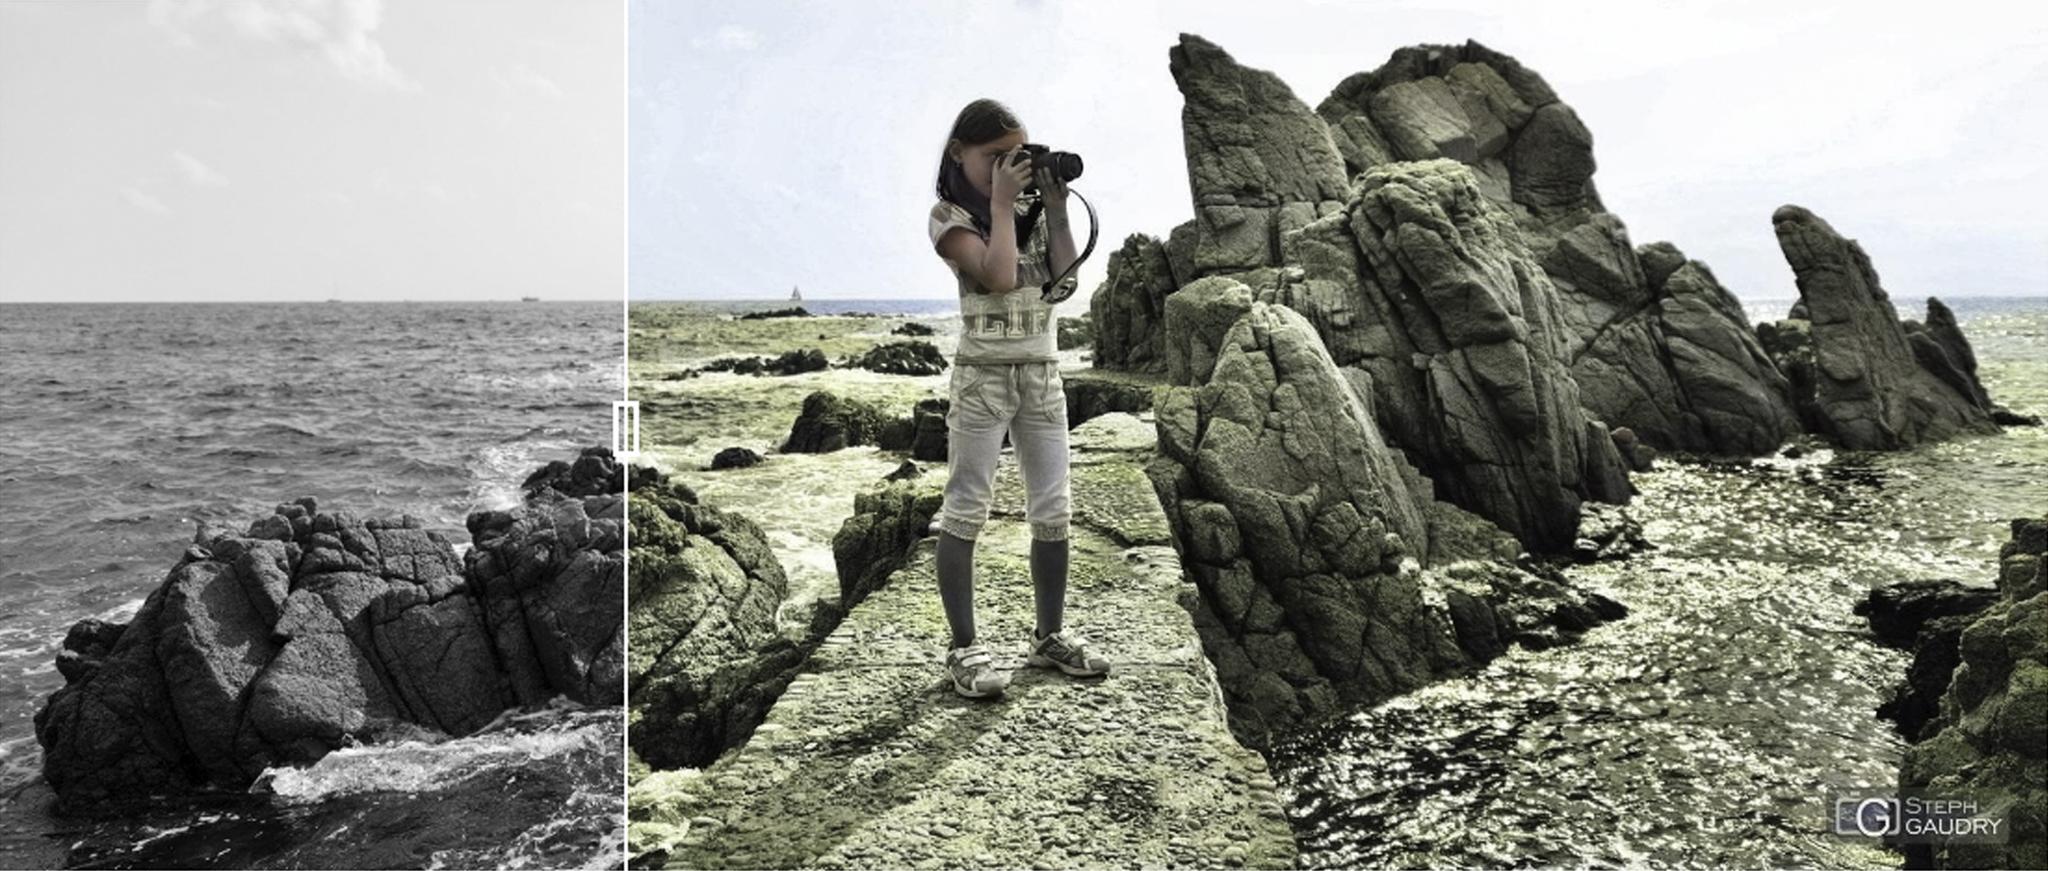 Essai de colorisation d'une photo noir et blanc